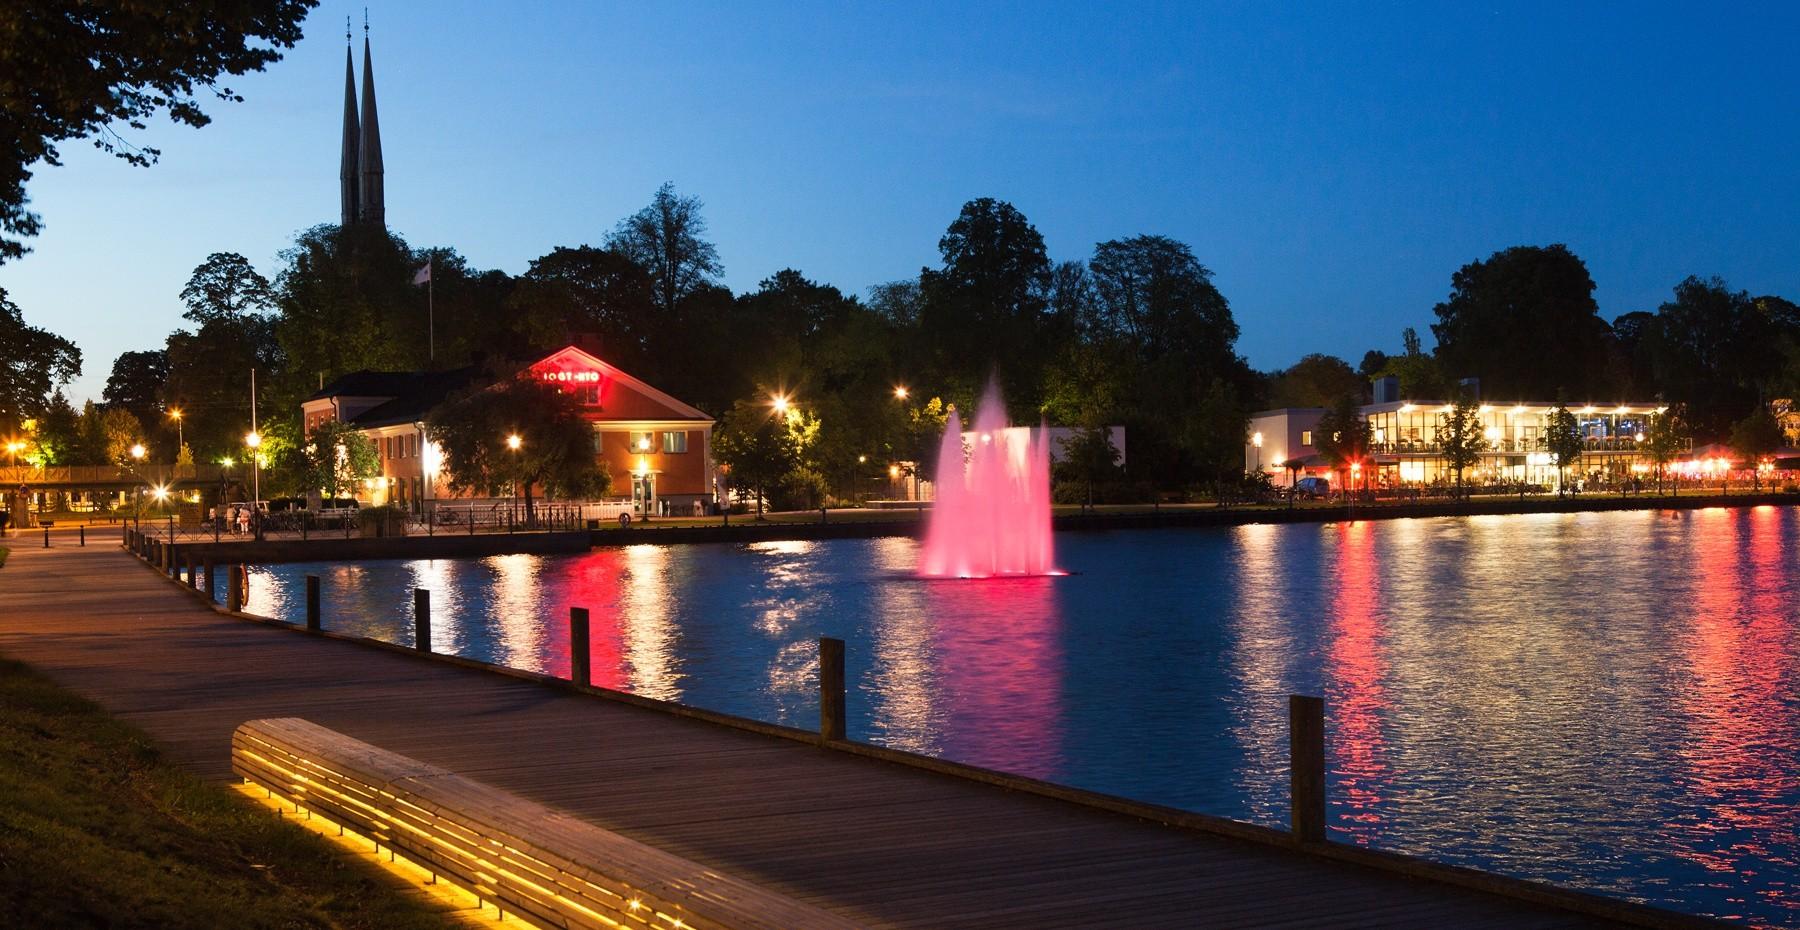 Expérience Erasmus à Växjö, Suède par Christoph